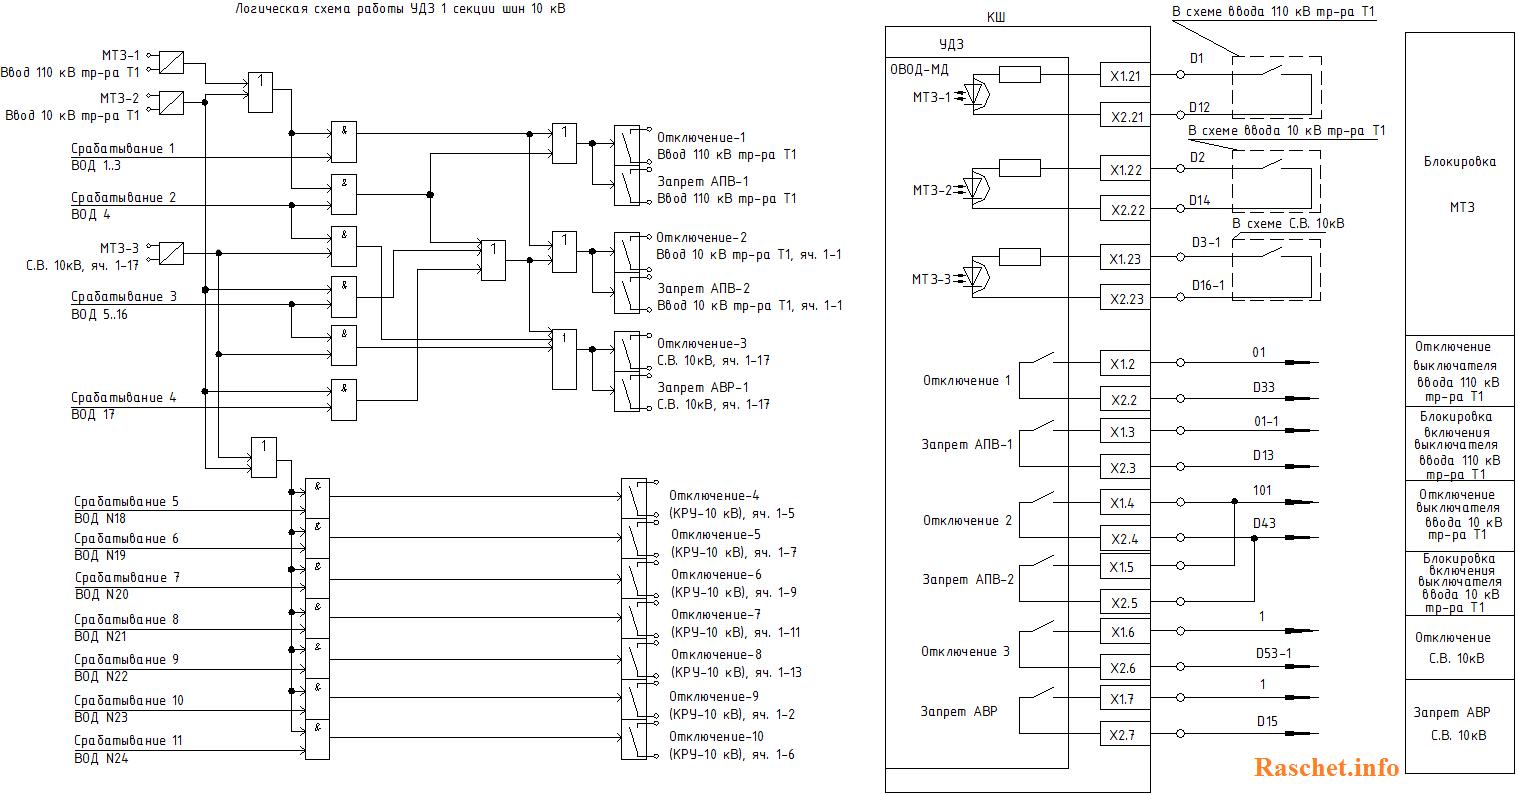 Логическая схема работы УДЗ 1 секции шин 10 кВ